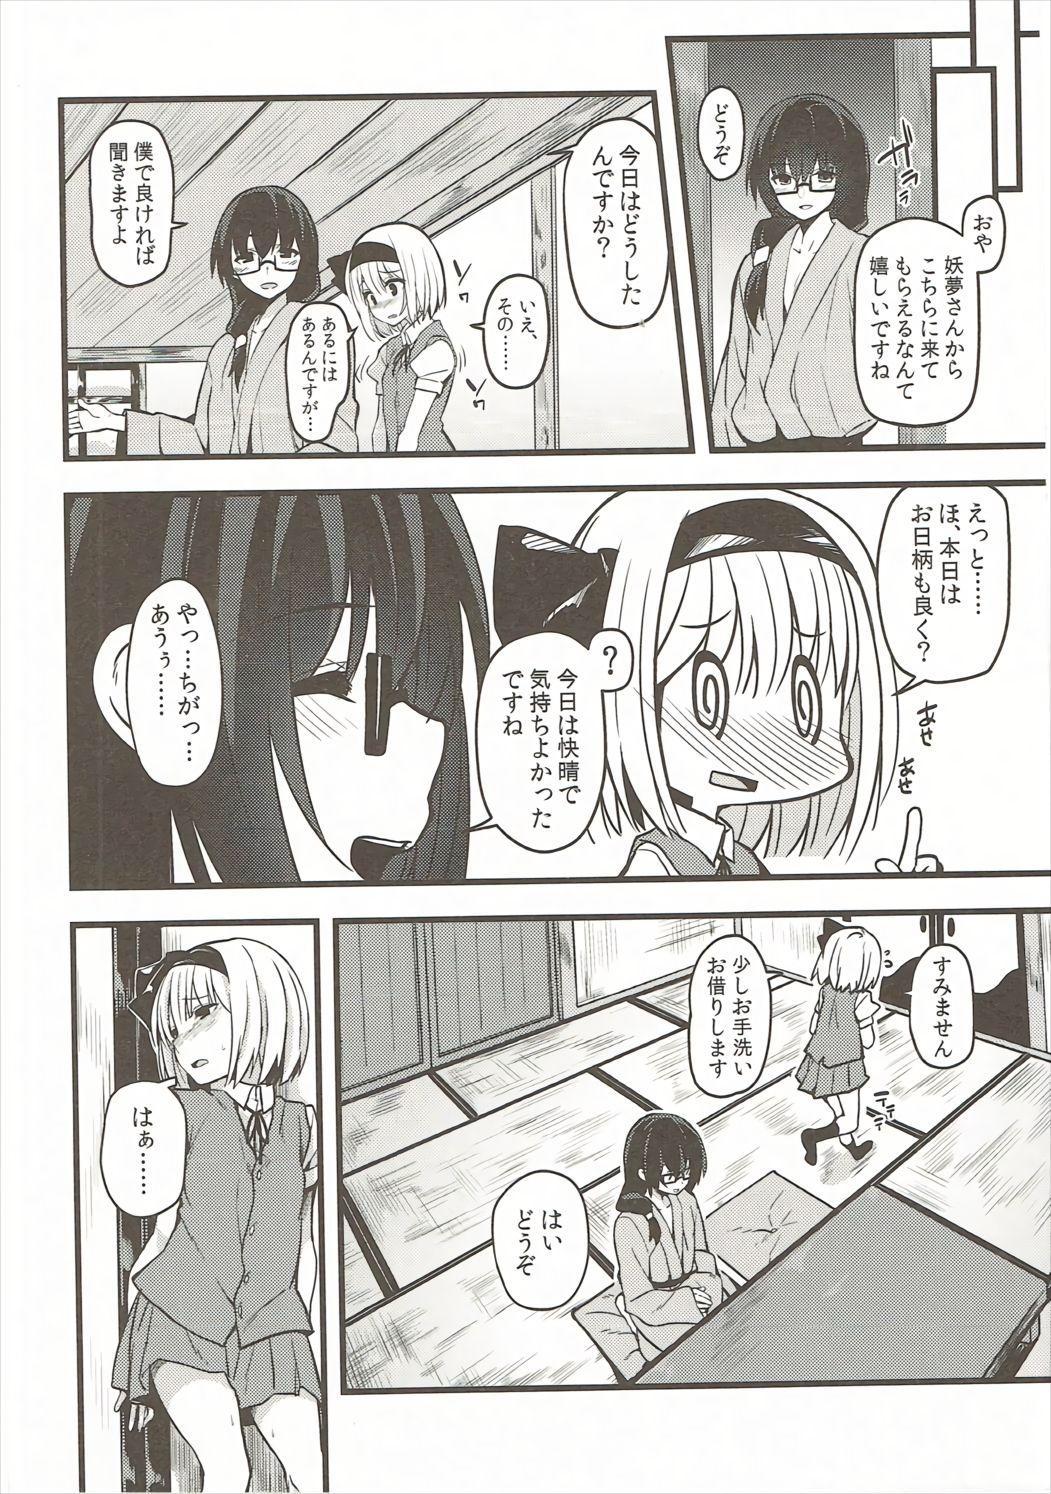 Hontou no Kimochi 2 4